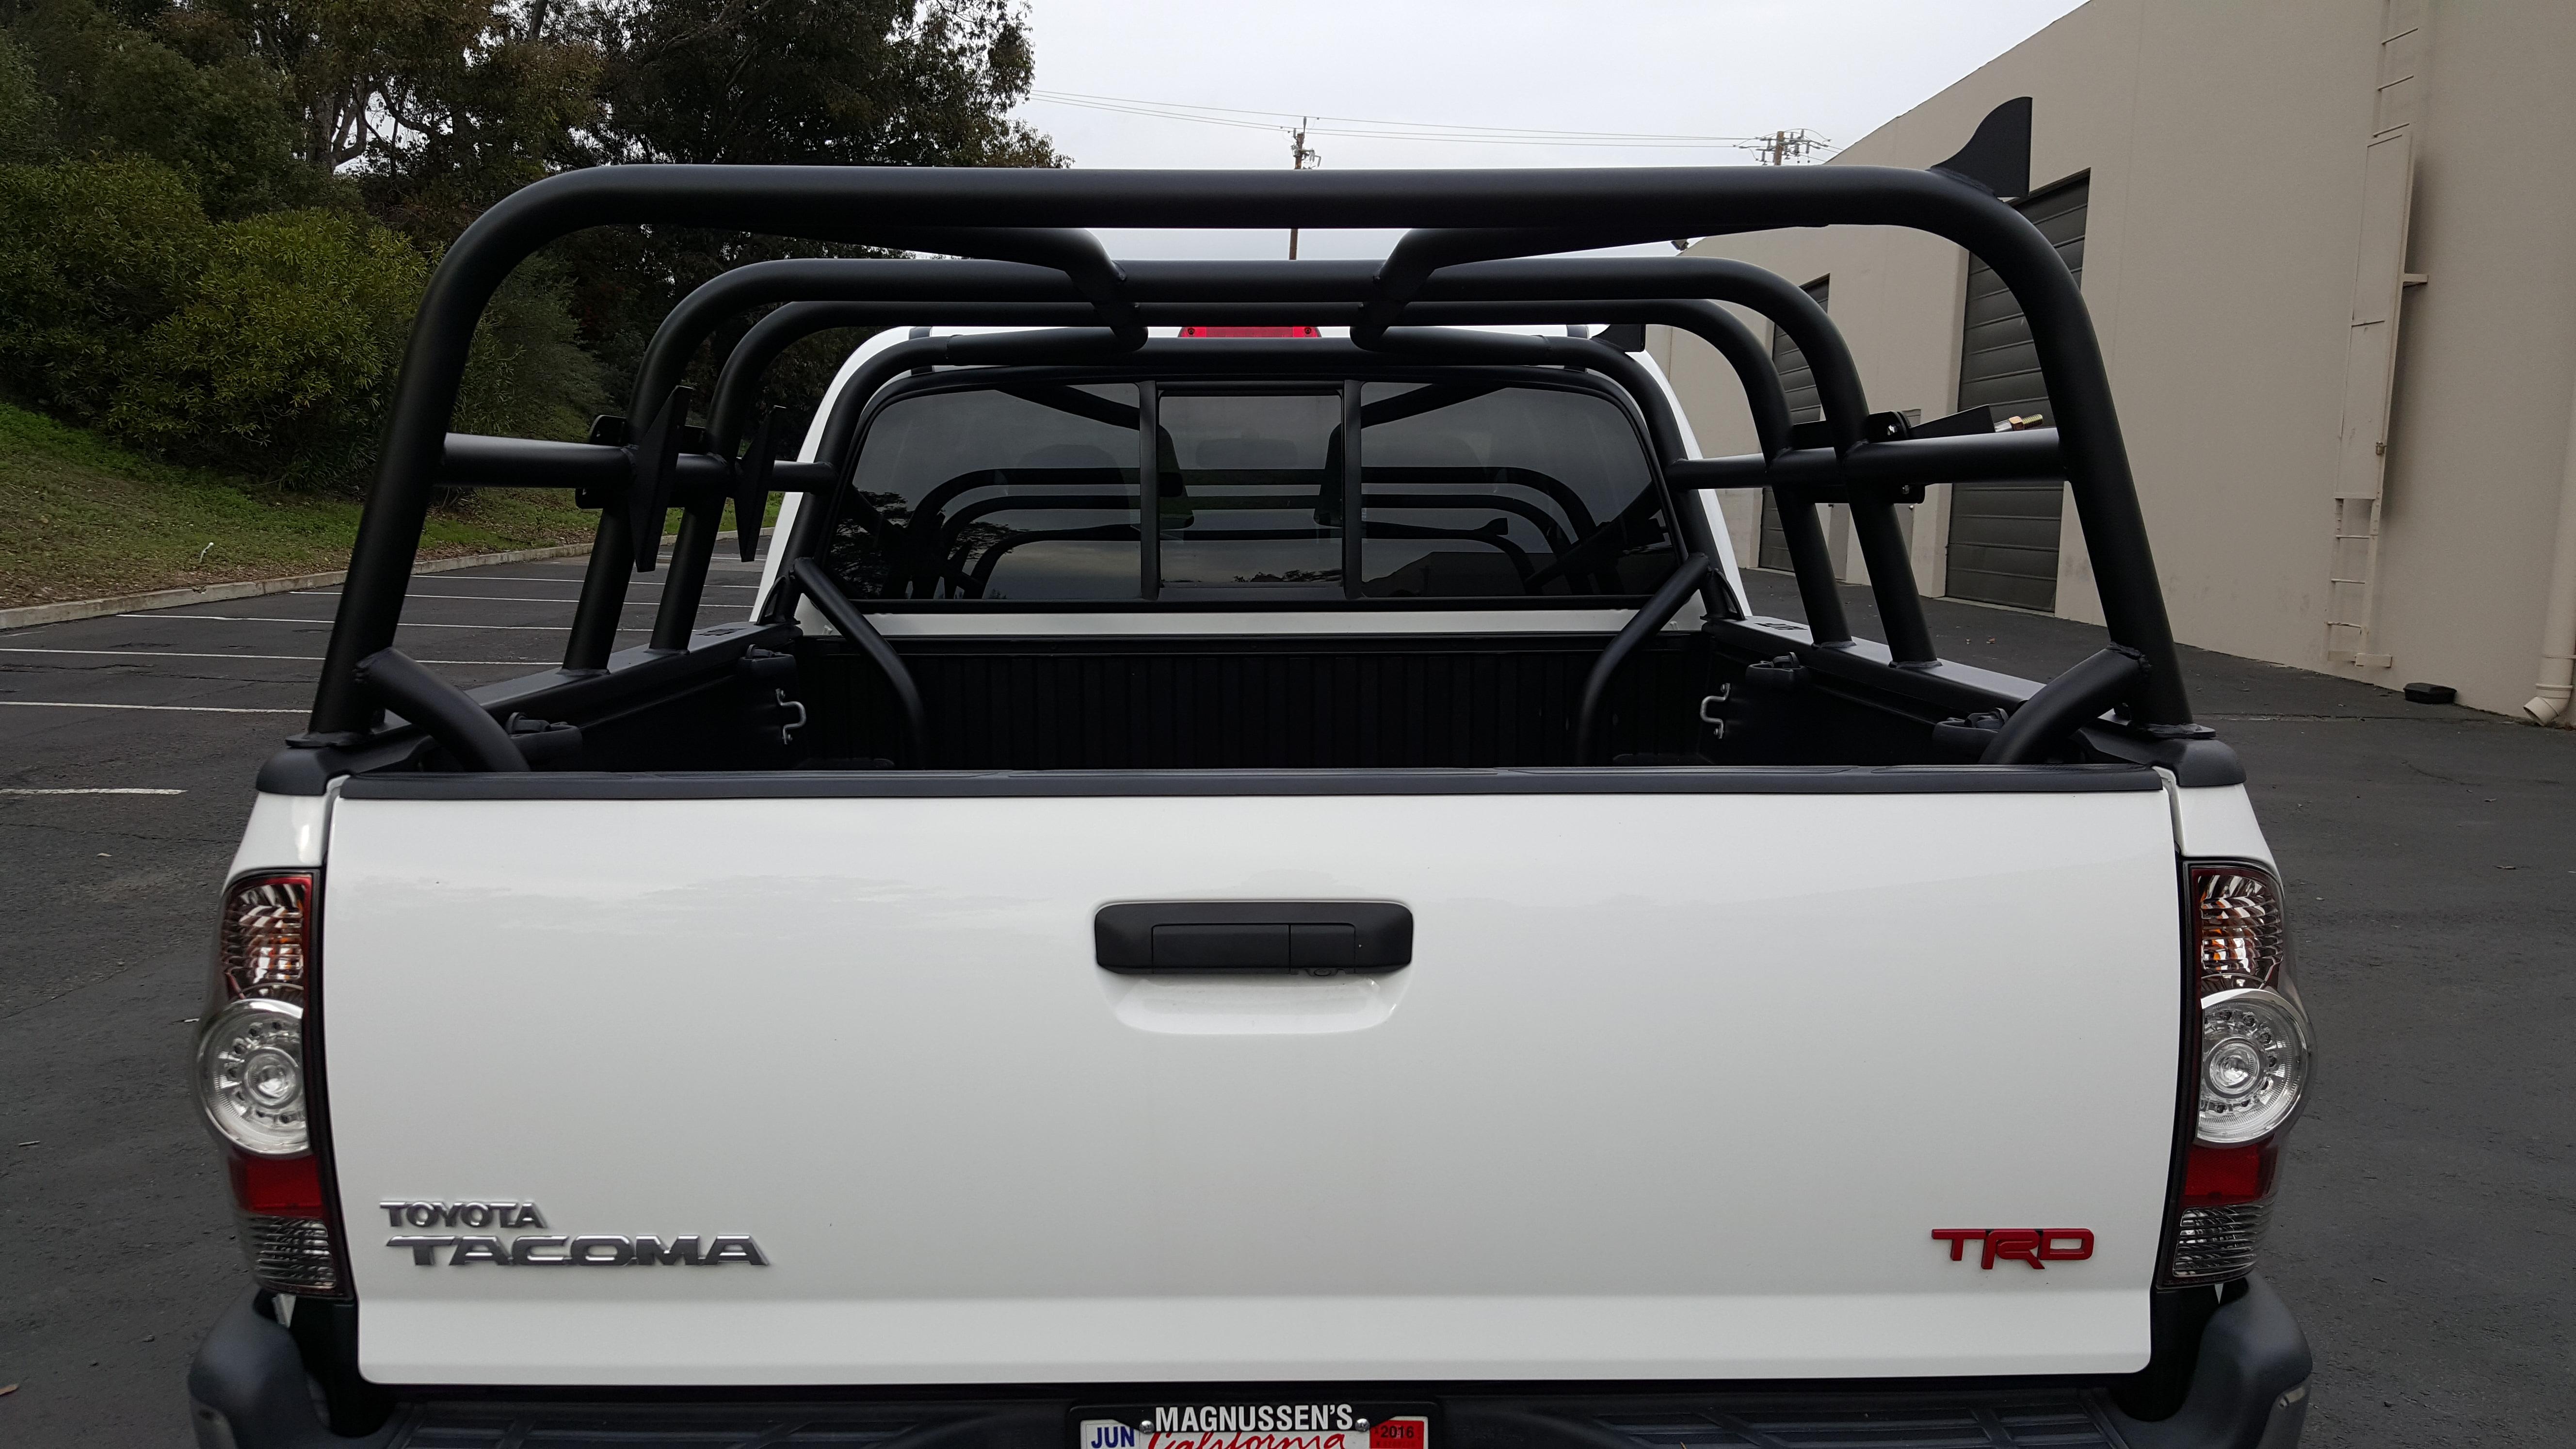 tracrac pin sr mx tonneau retraxpro truck retractable cover racks rack bed ladder system